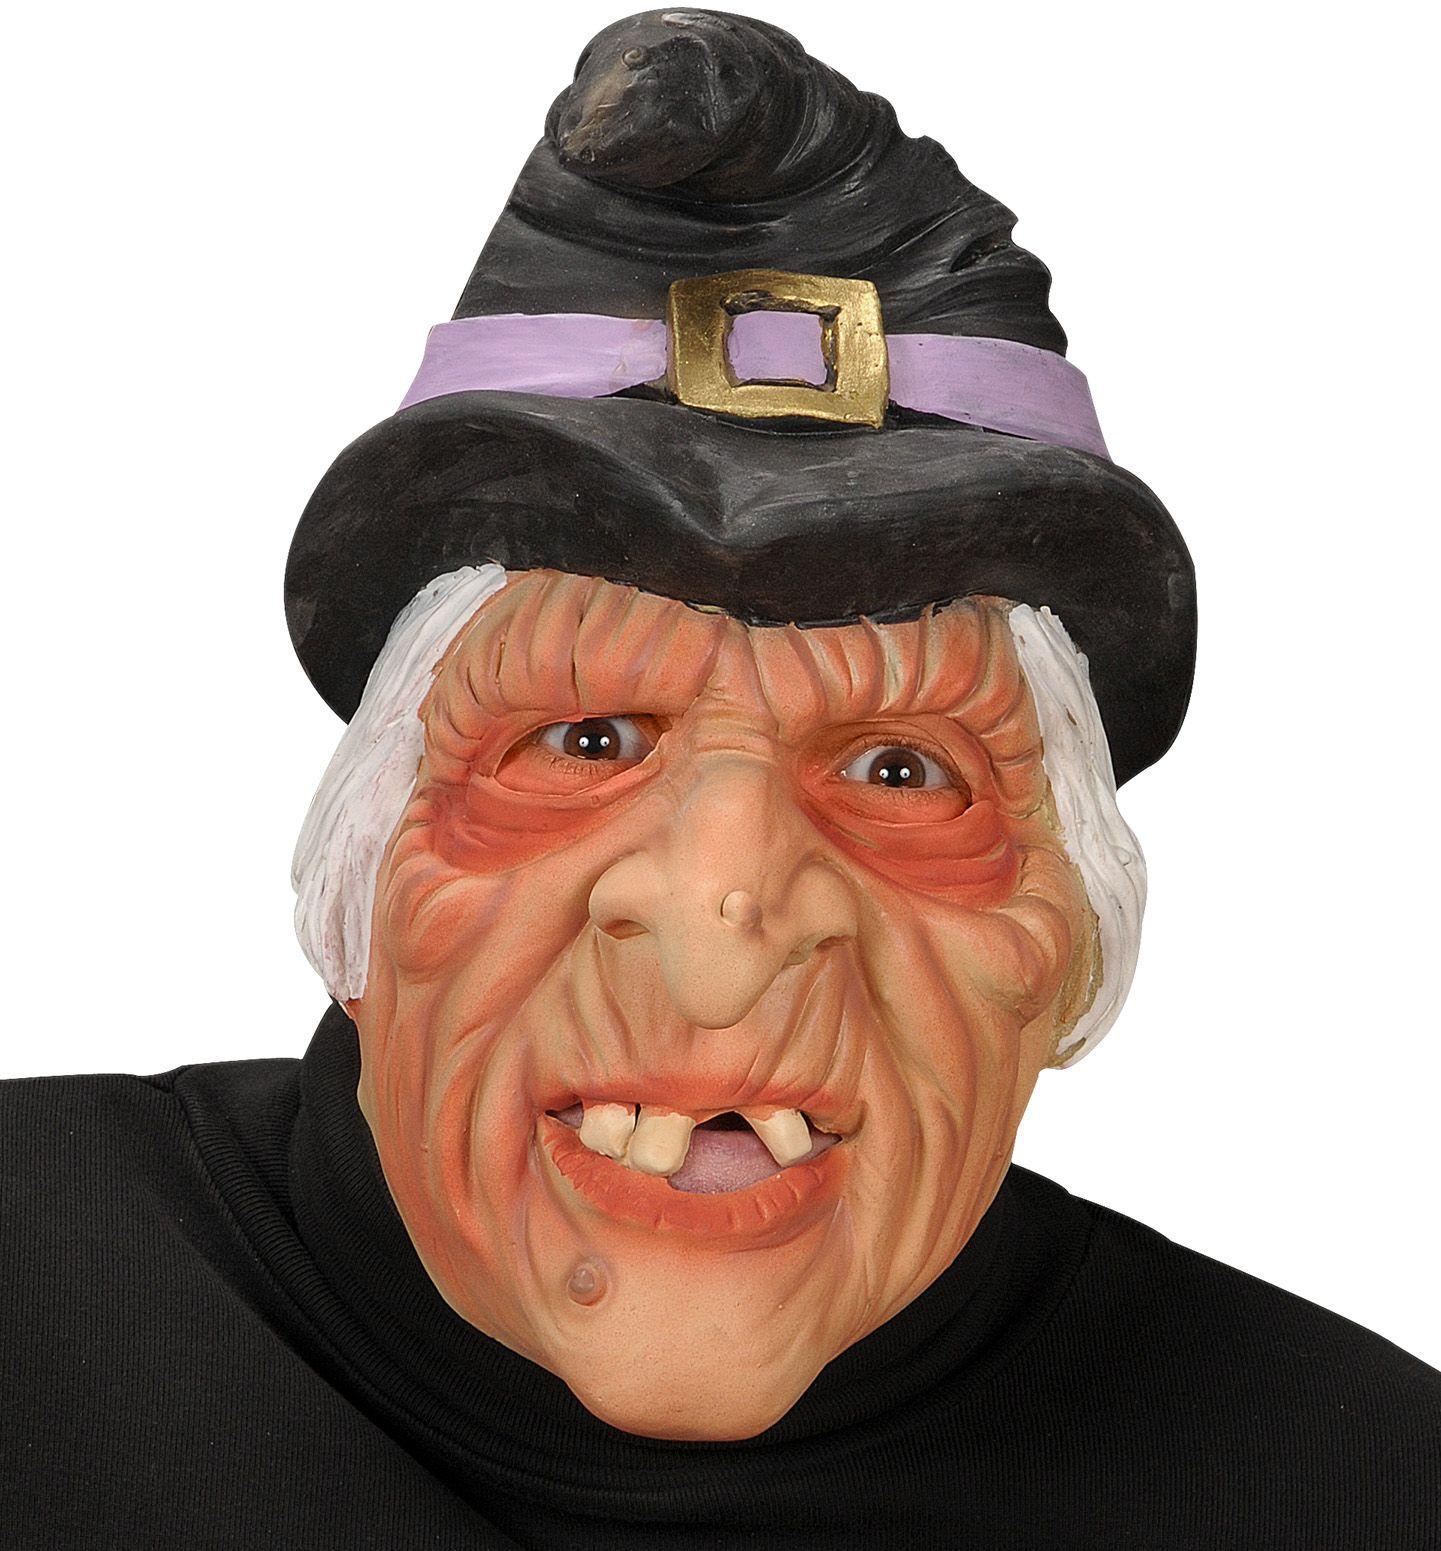 Heksen gezichtsmasker